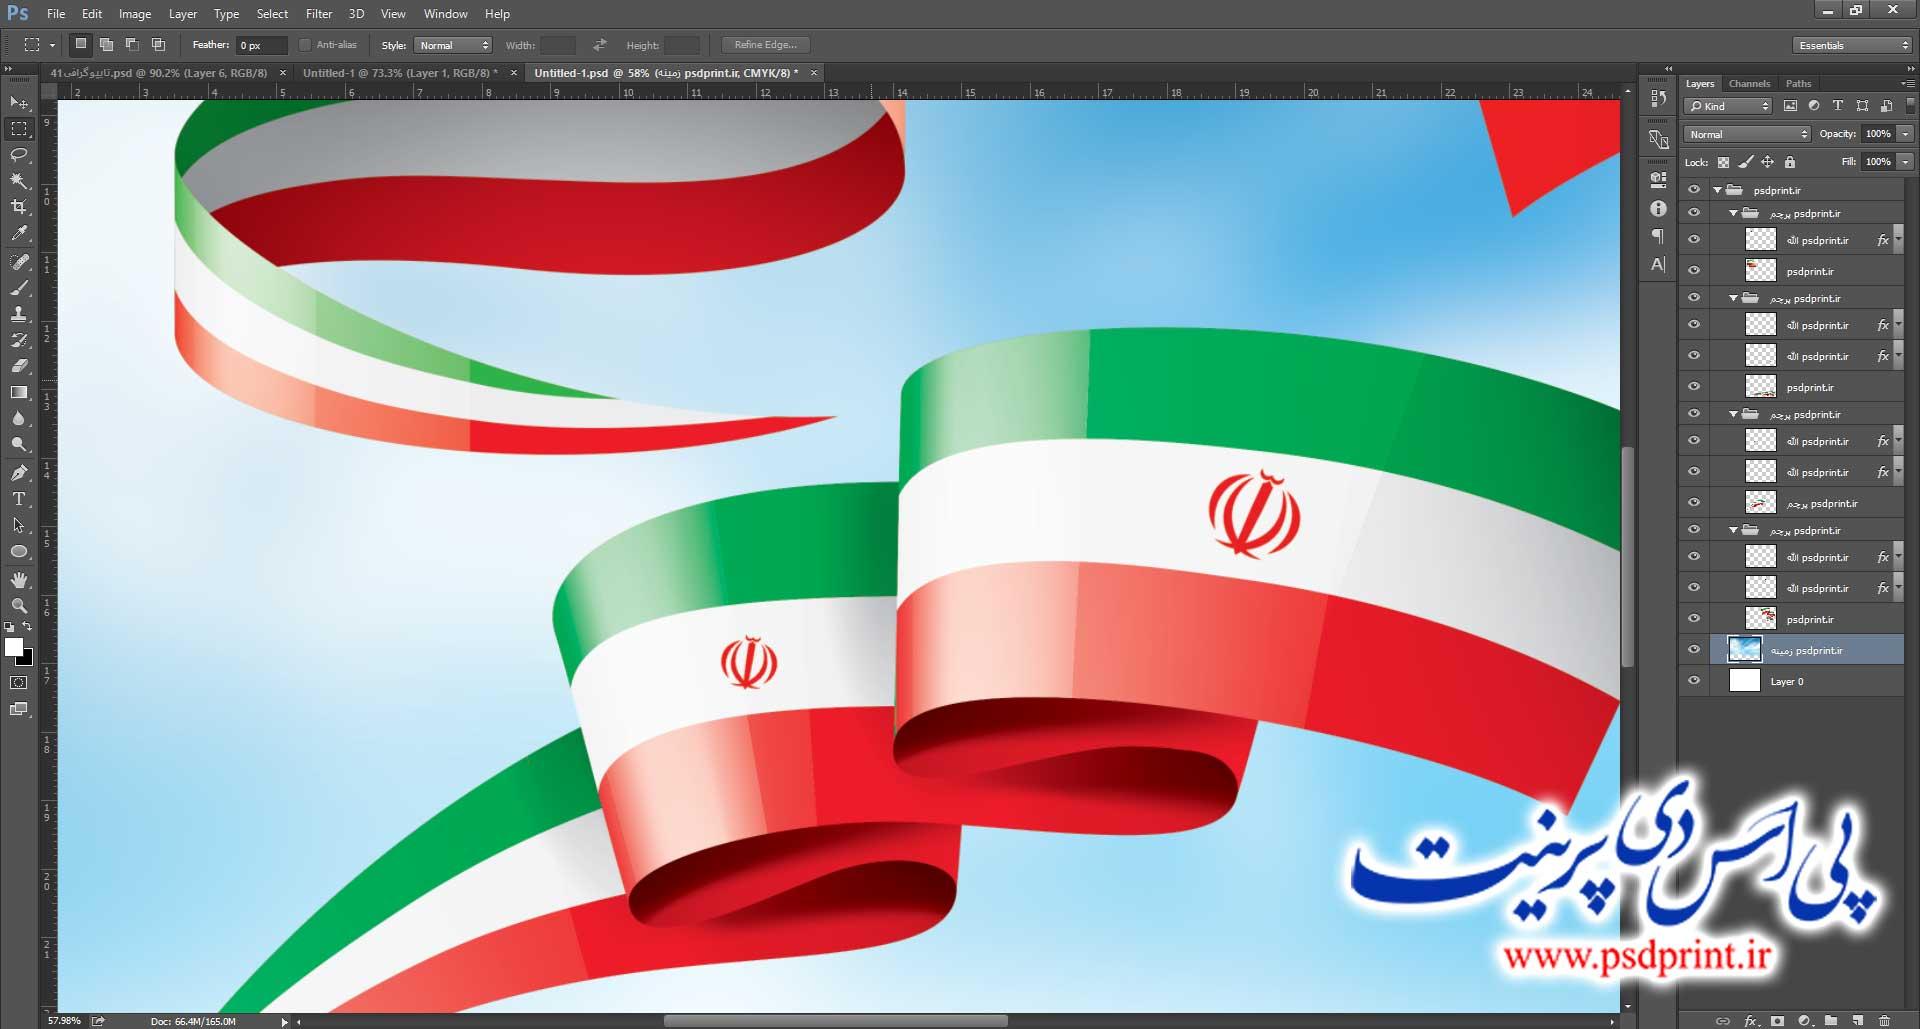 دانلود پرچم ایران لایه باز